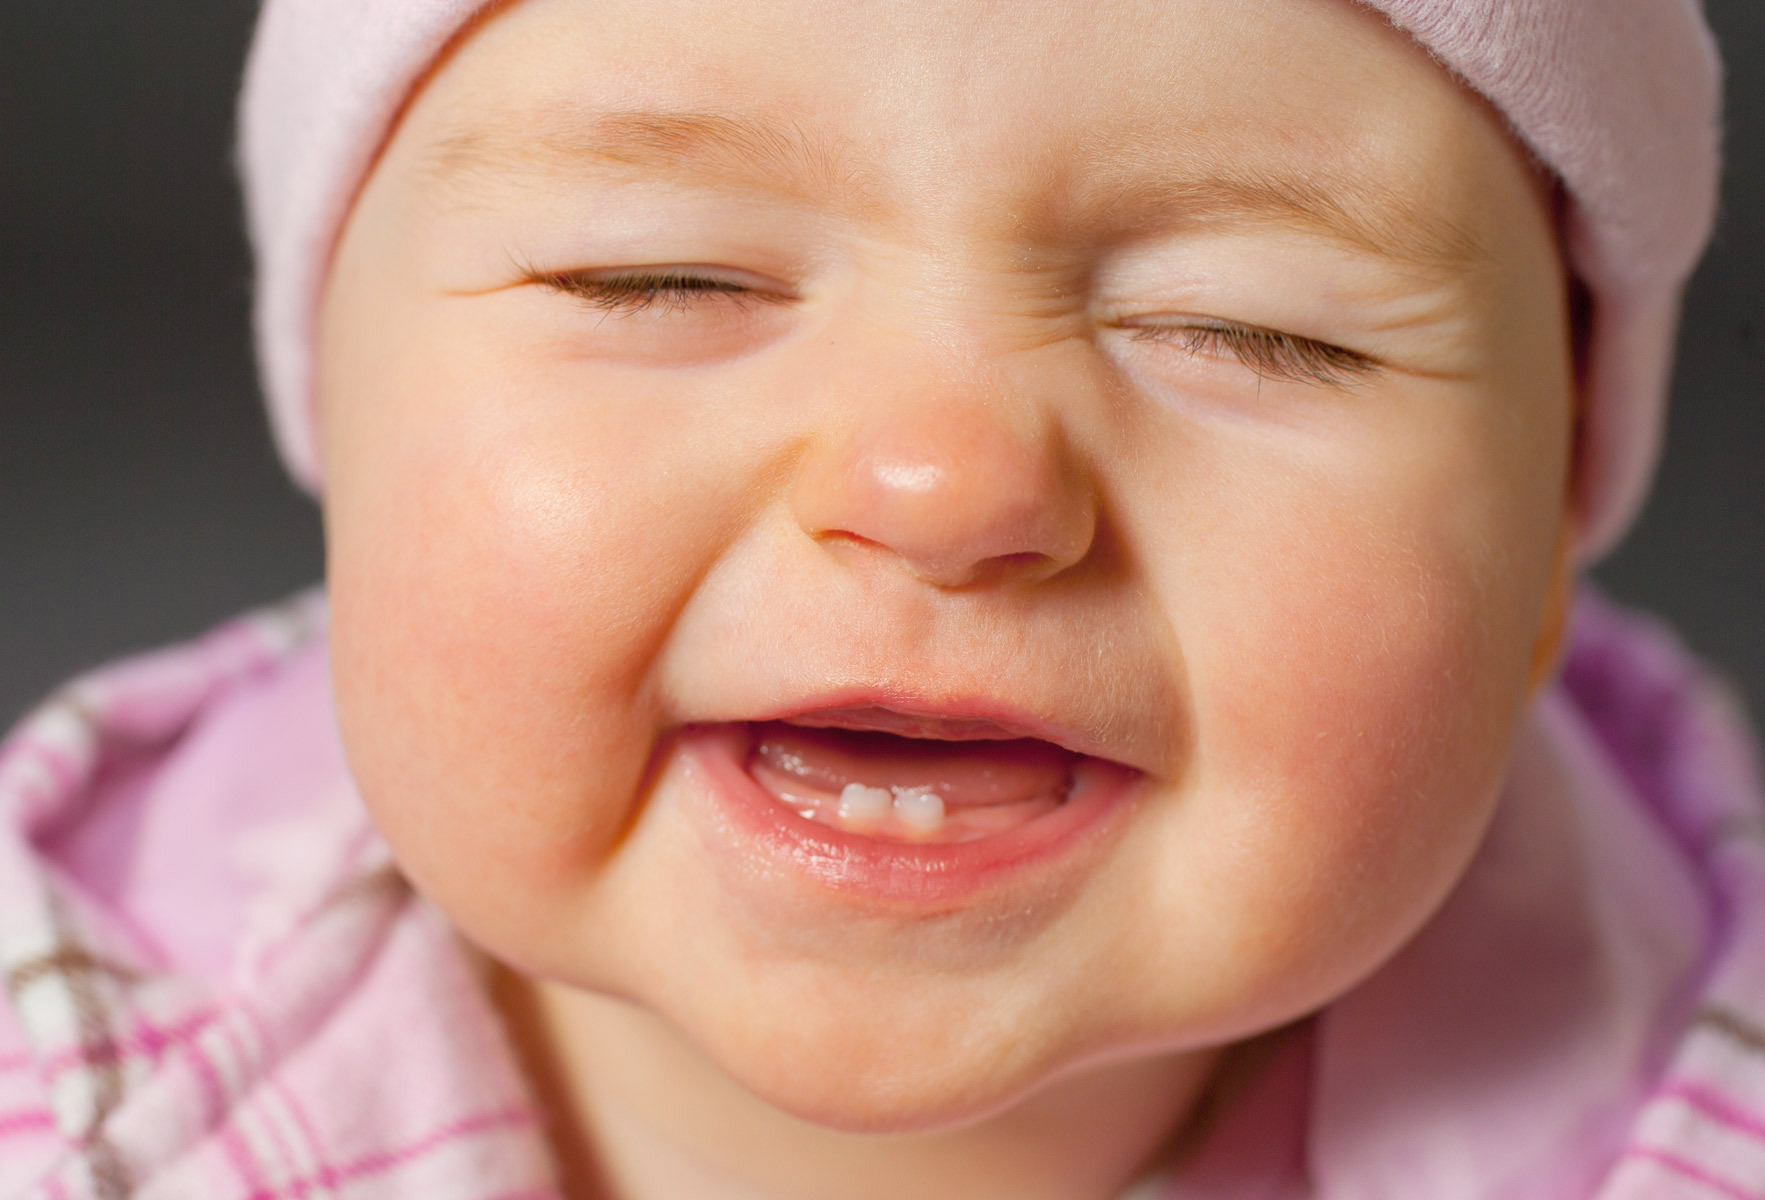 La odontopediatría al servicio de los más pequeños